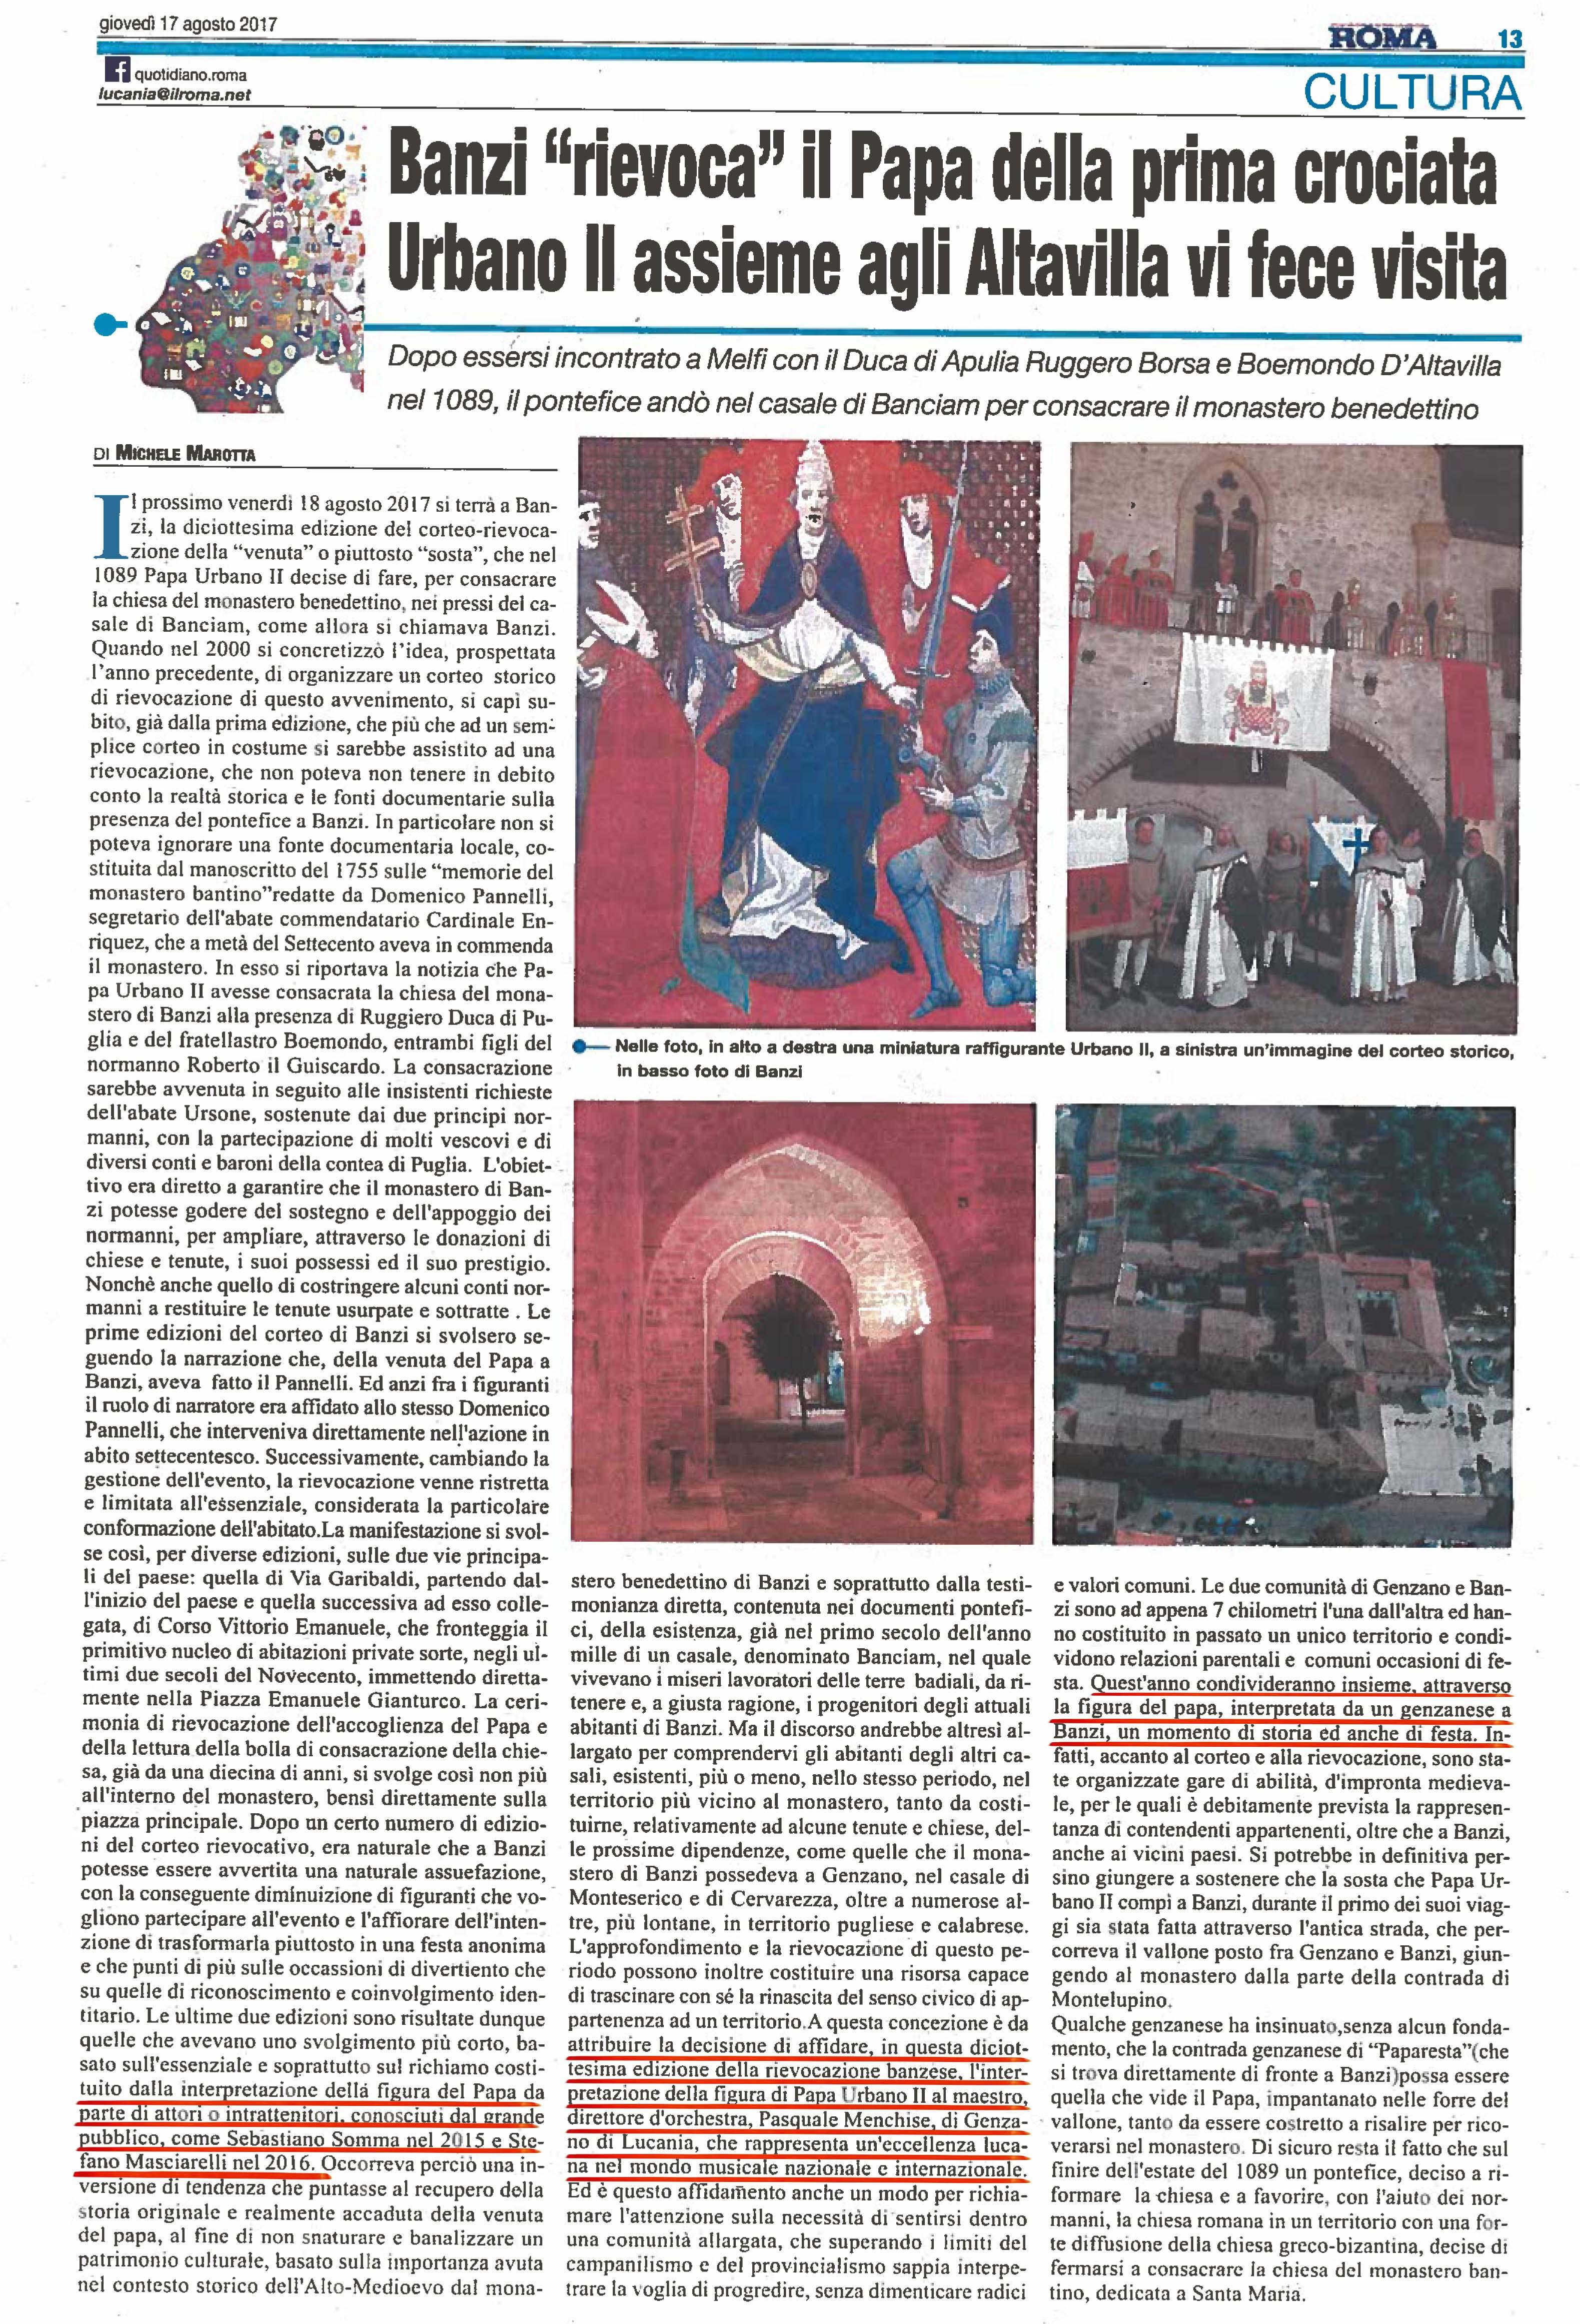 Il Roma_17 agosto 2017bass